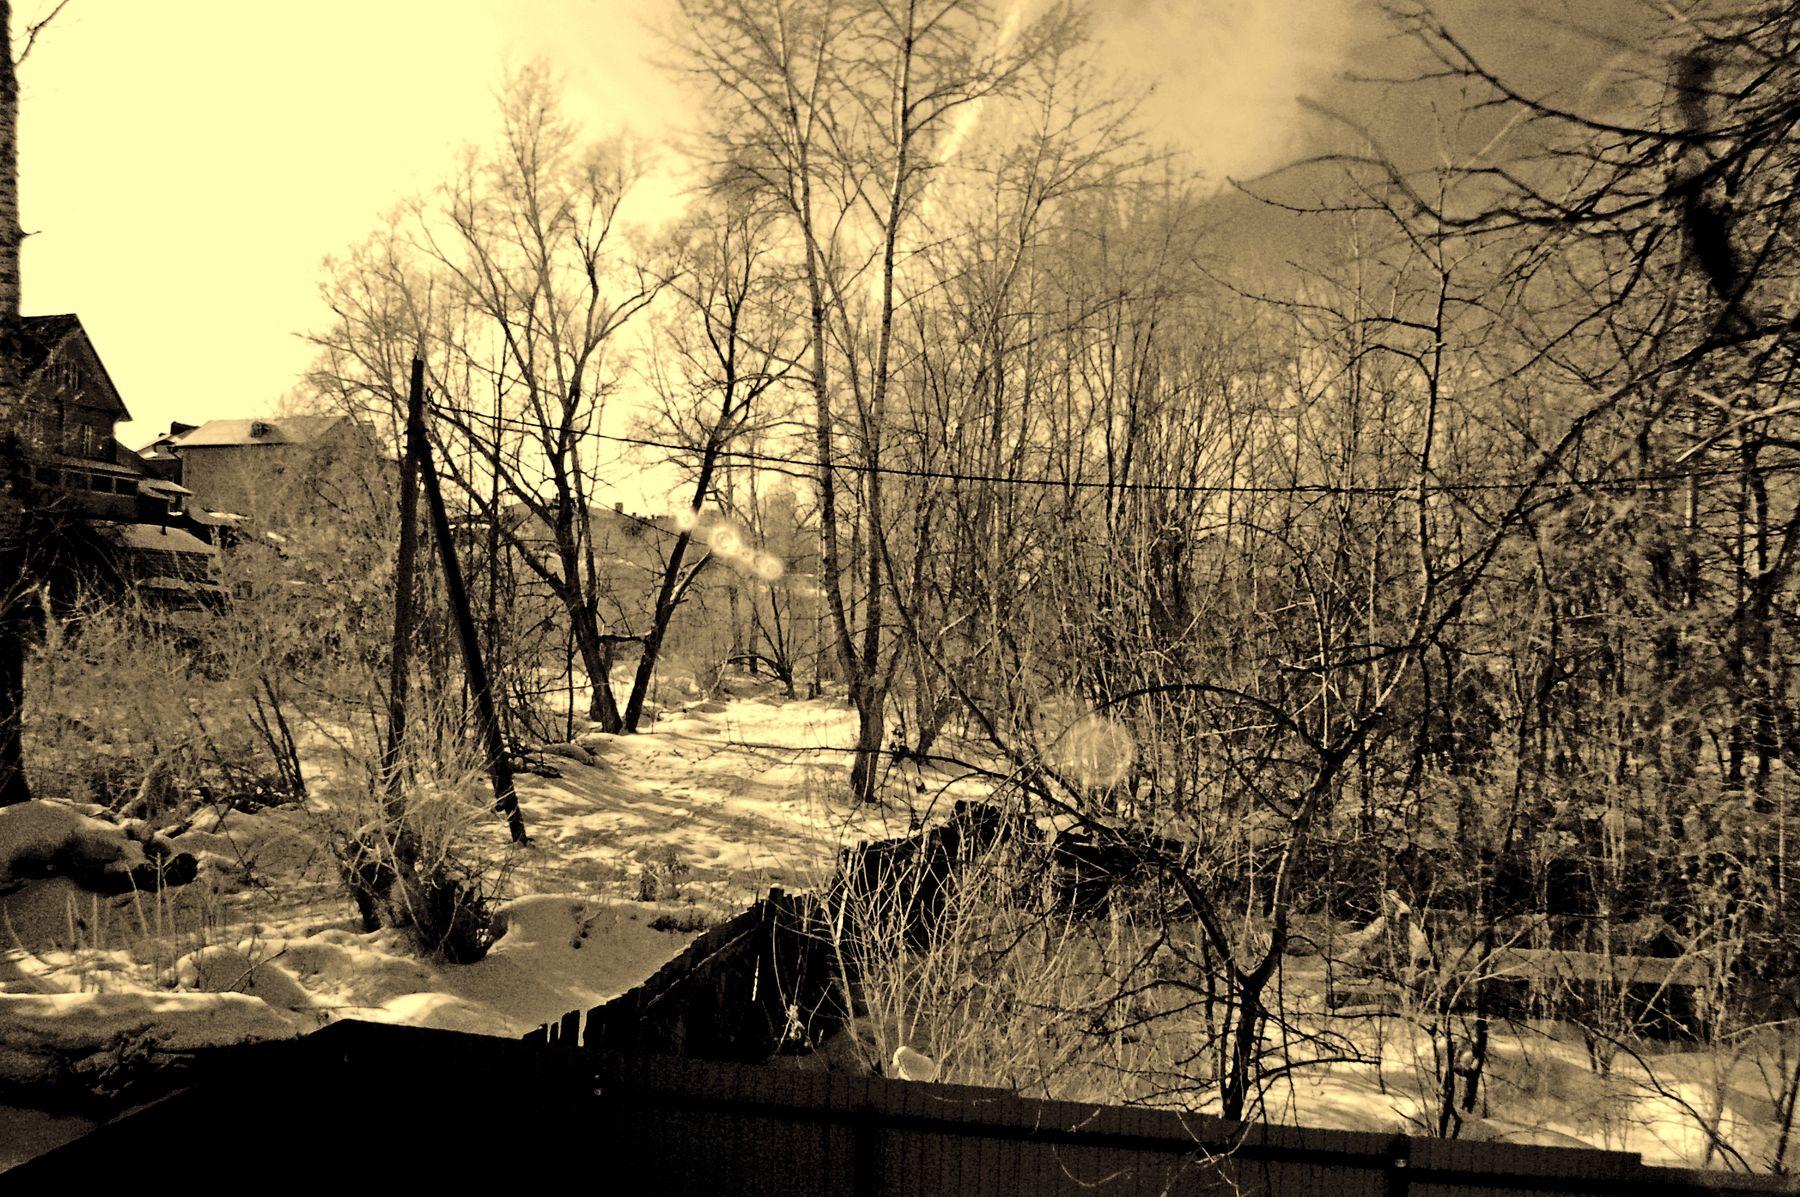 Зима.Задворки из окна. Непрошенные зайцы....Ярославль.Ярославская губерния.Р.Ф.2021г.г. от Р.Х. Инфракрасная,чёрно-белая,монохромная, фотография. (infrared imaging)